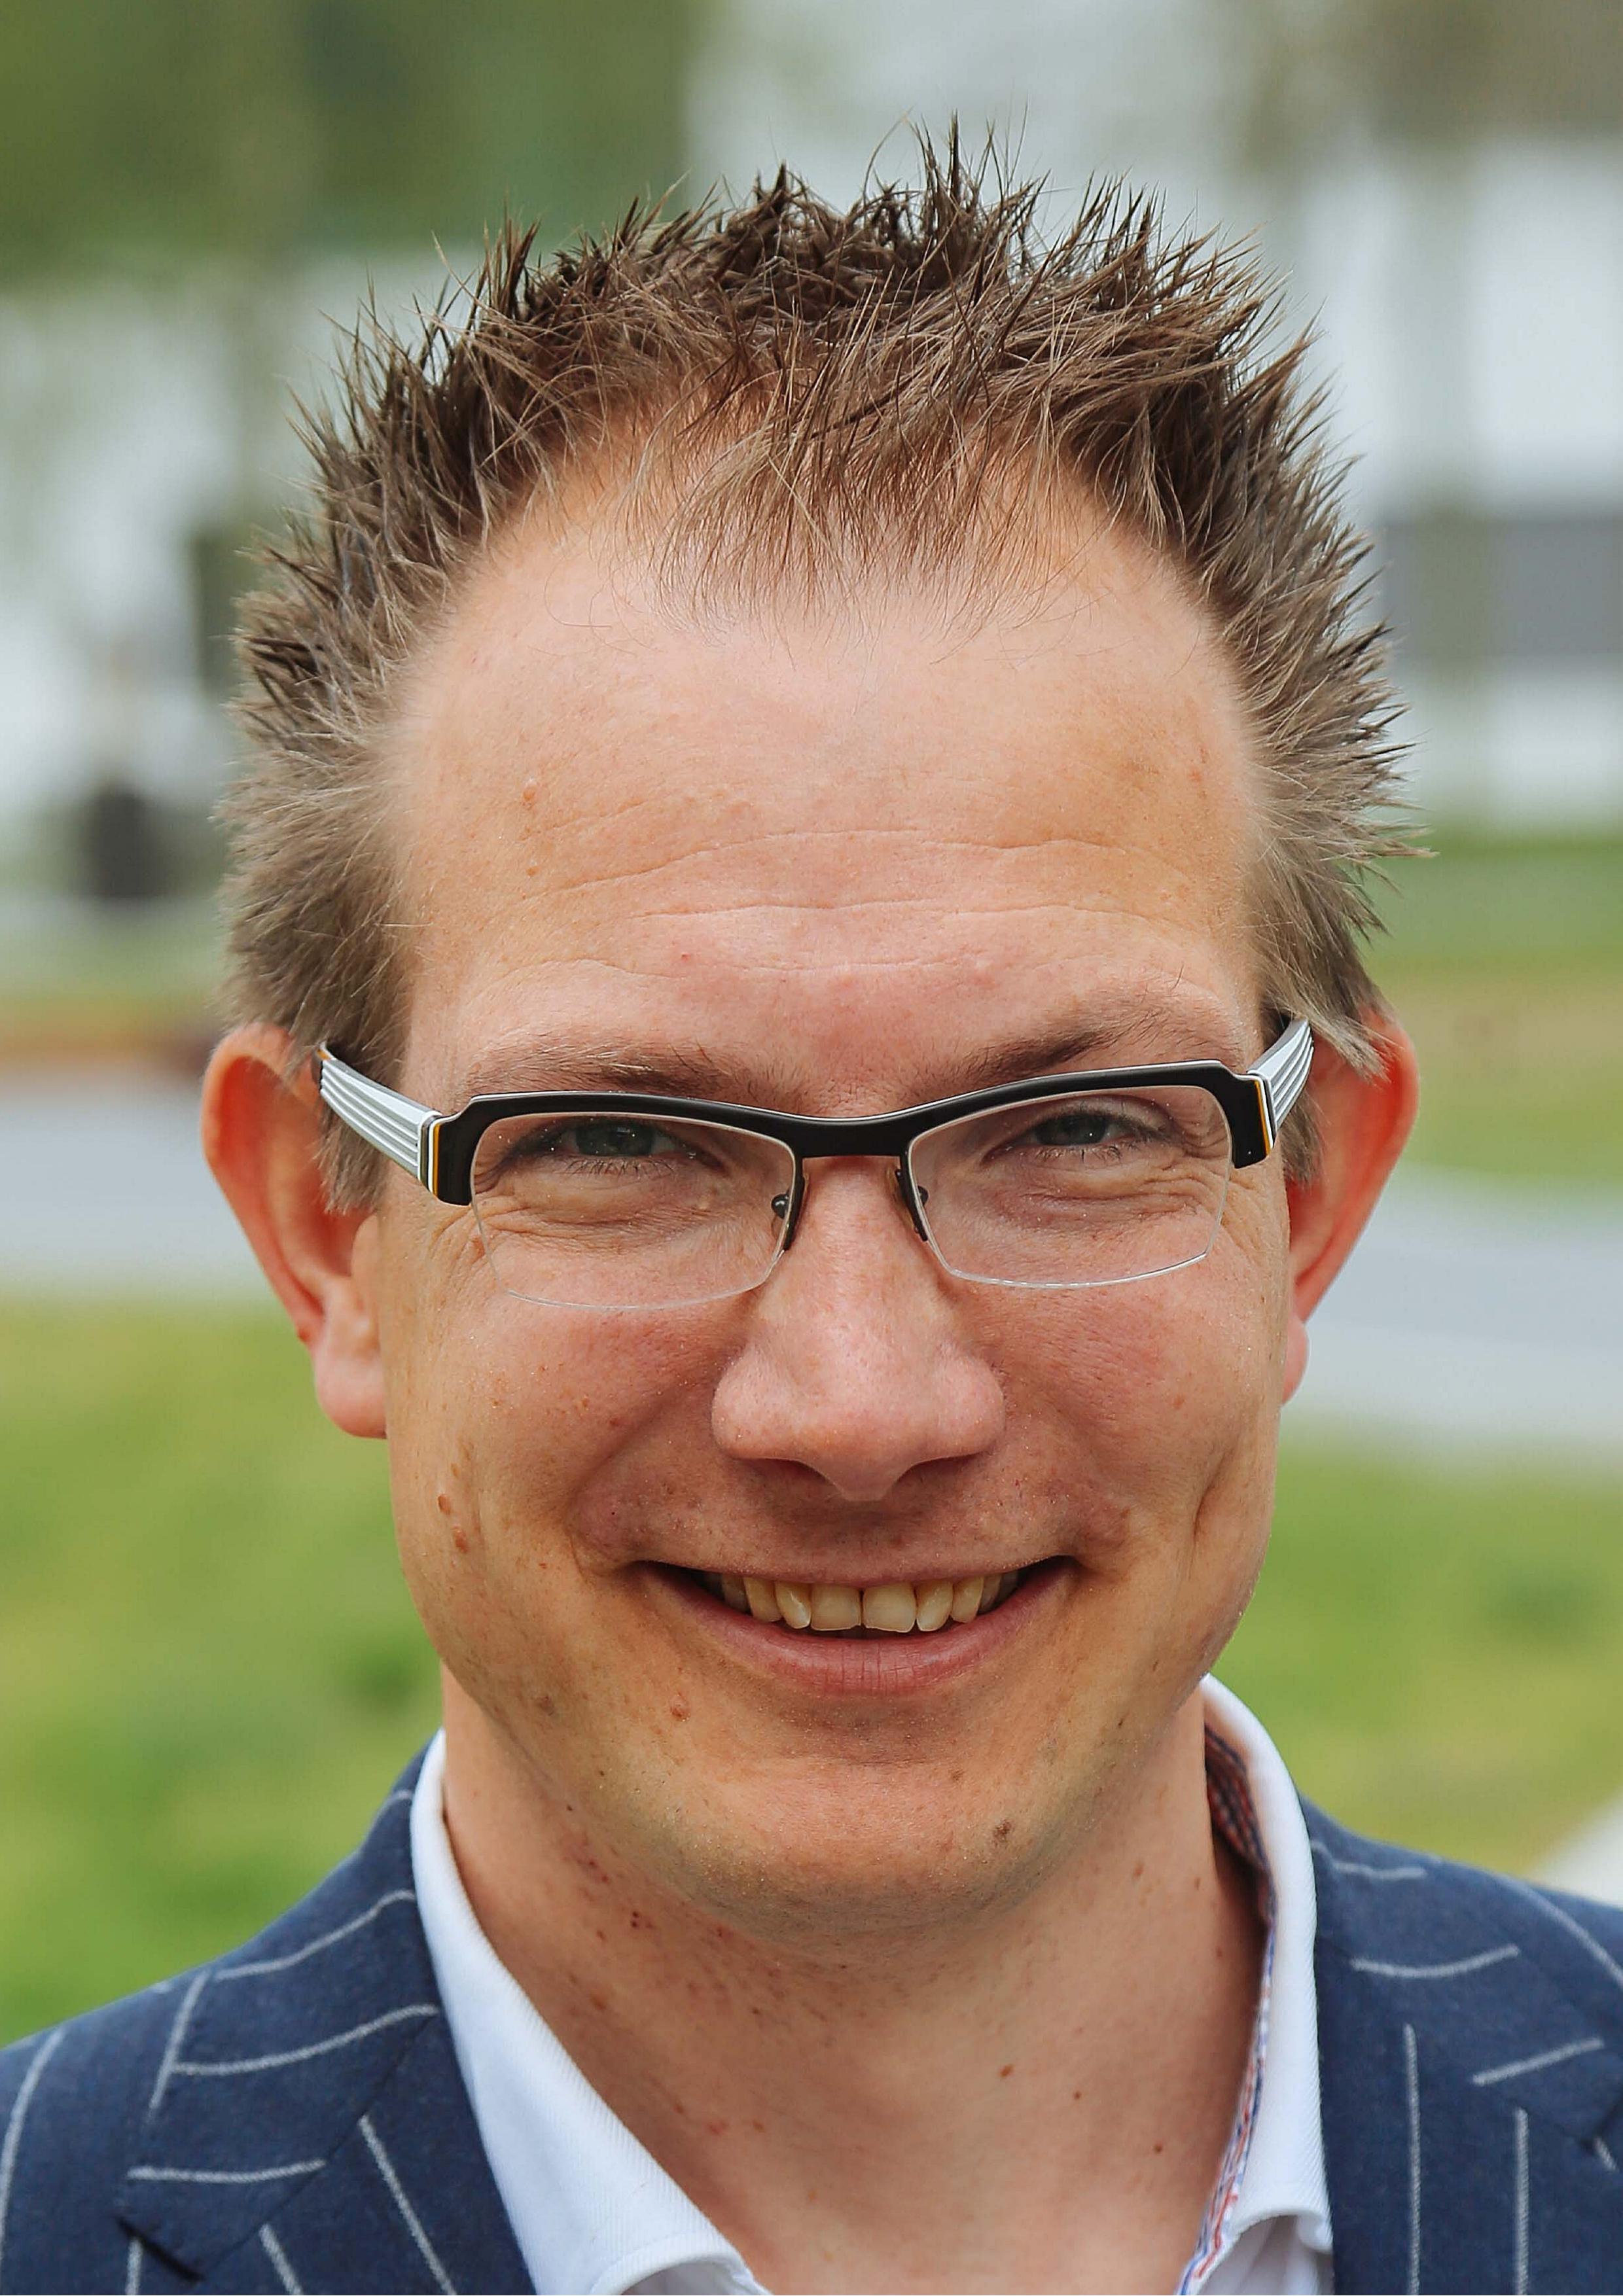 Wouter Sluis-Thiescheffer